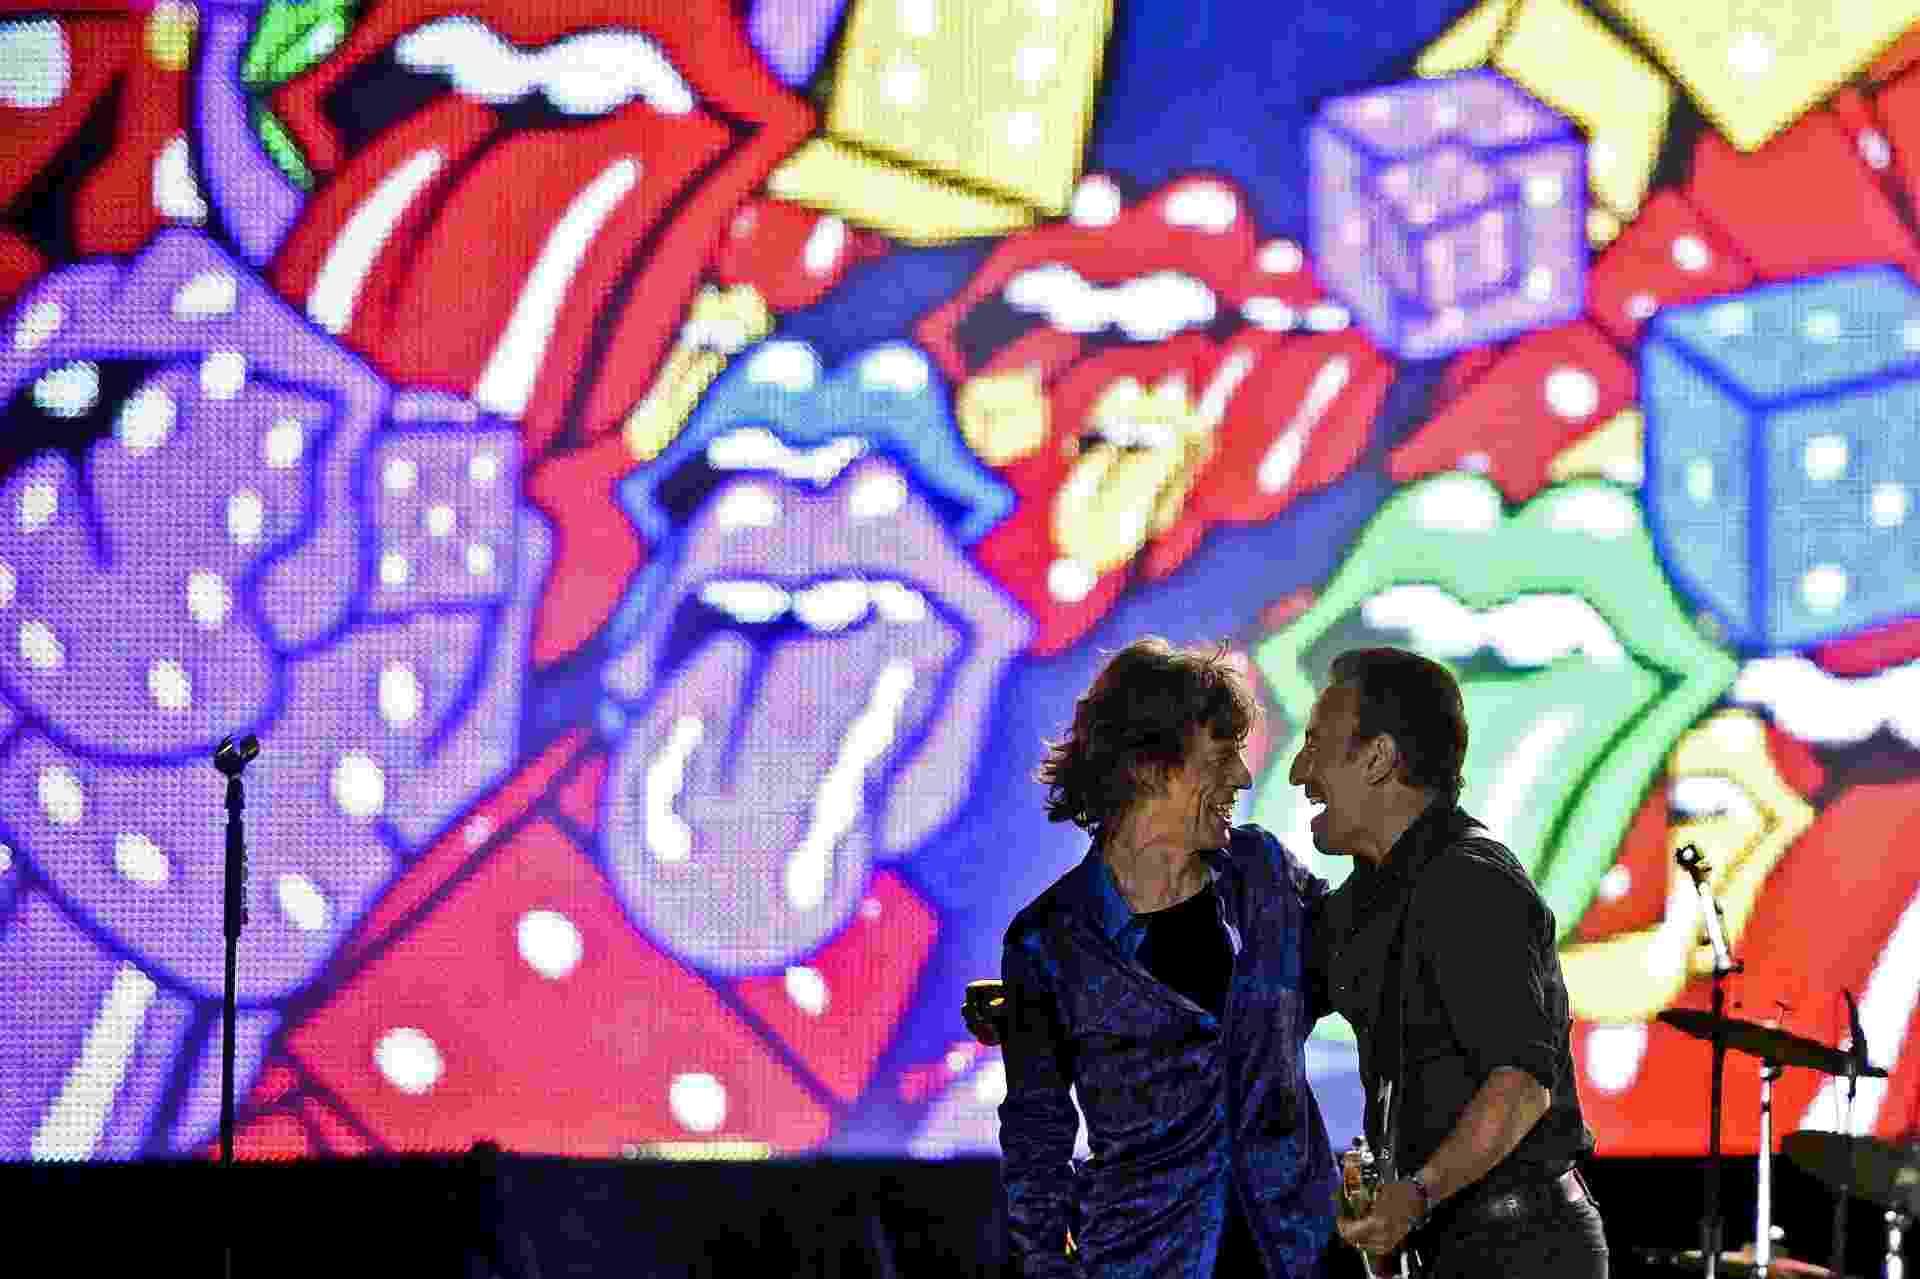 29.mai.2014 - Mick Jagger e Bruce Springsteen se abraçam durante show da banda Rolling Stones durante o segundo dia de shows do festival Rock in Rio Lisboa. O evento acontece no Parque da Bela Vista de Lisboa, em Portugal - AFP PHOTO / PATRICIA DE MELO MOREIRA